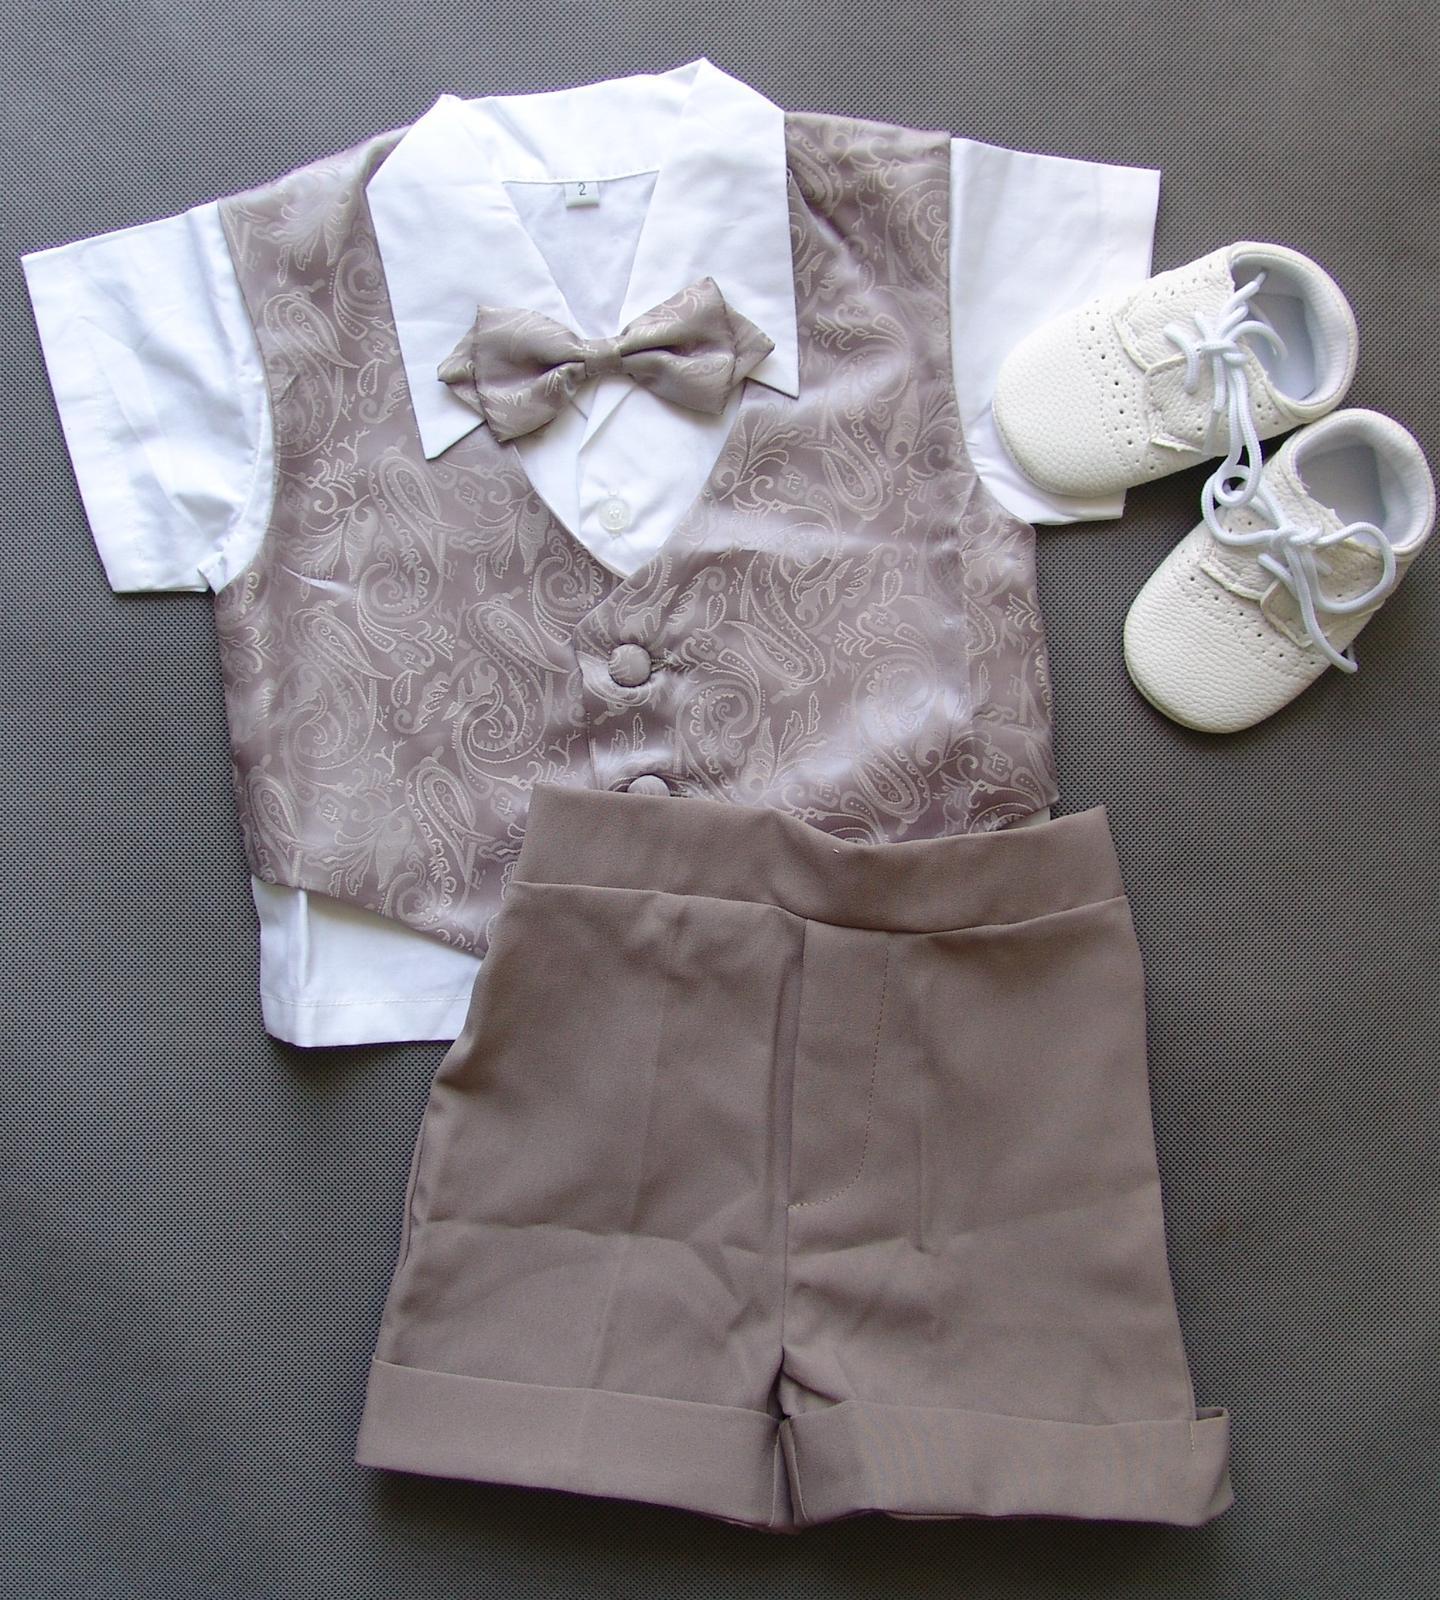 SKLADEM - letní oblek k zapůjčení, 1-2 roky - Obrázek č. 1